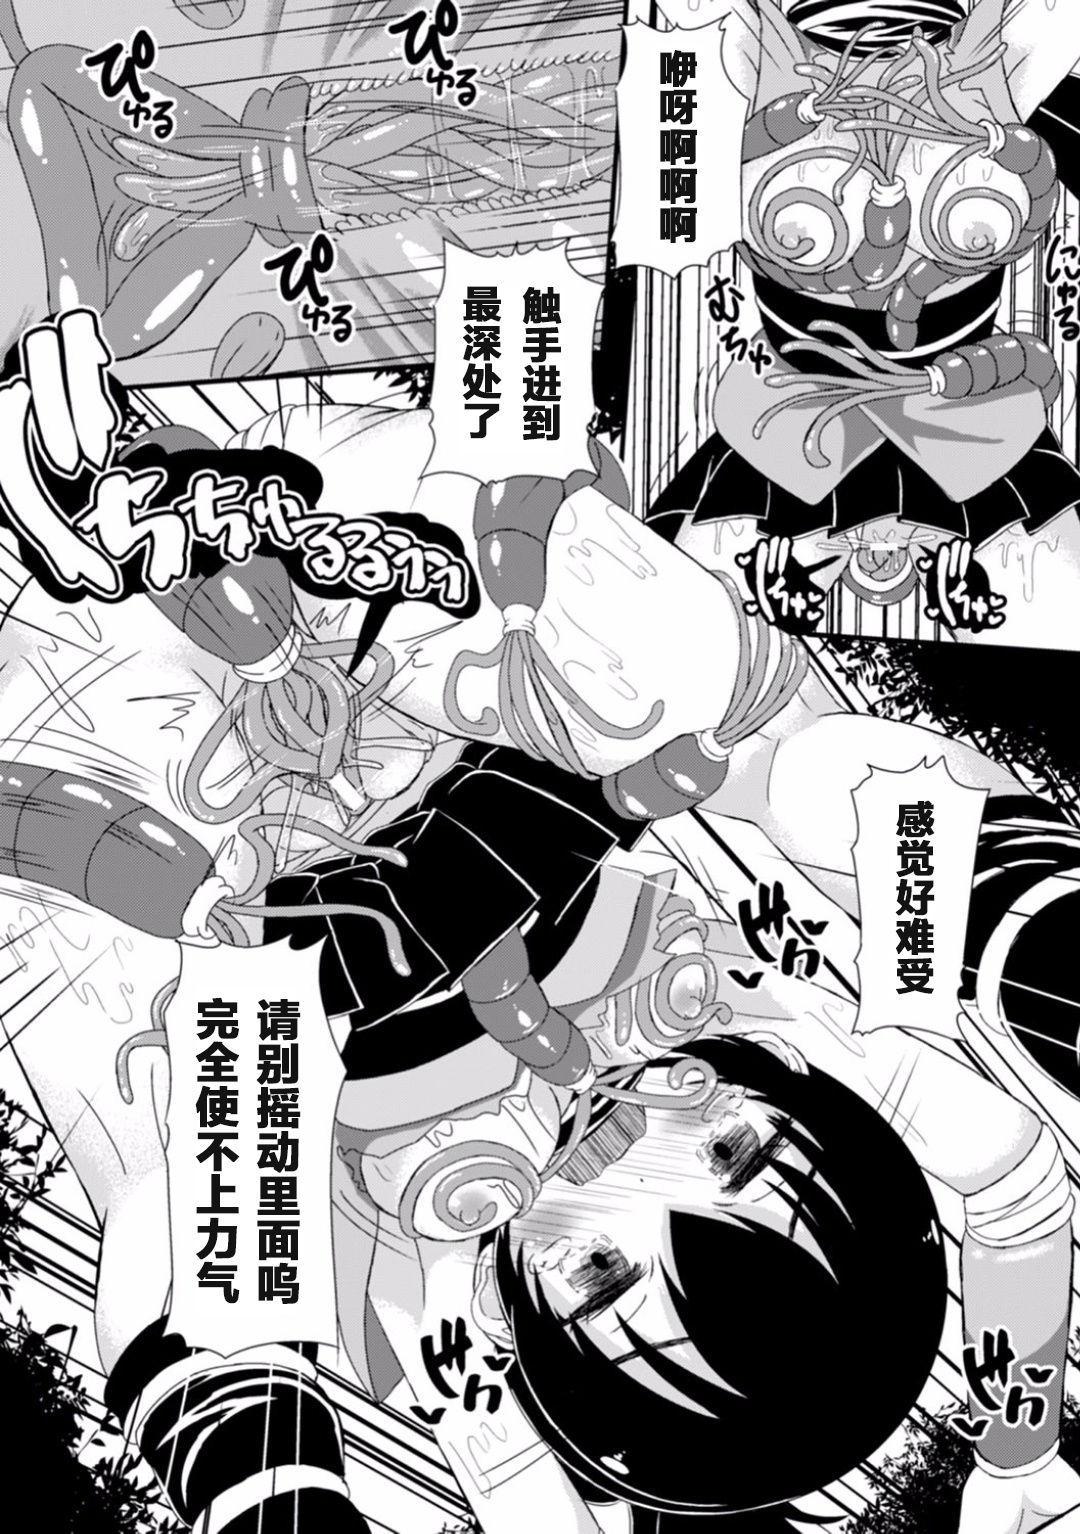 2D Comic Magazine Shokushu ni Kiseisareshi Otome no Karada Vol. 1 71